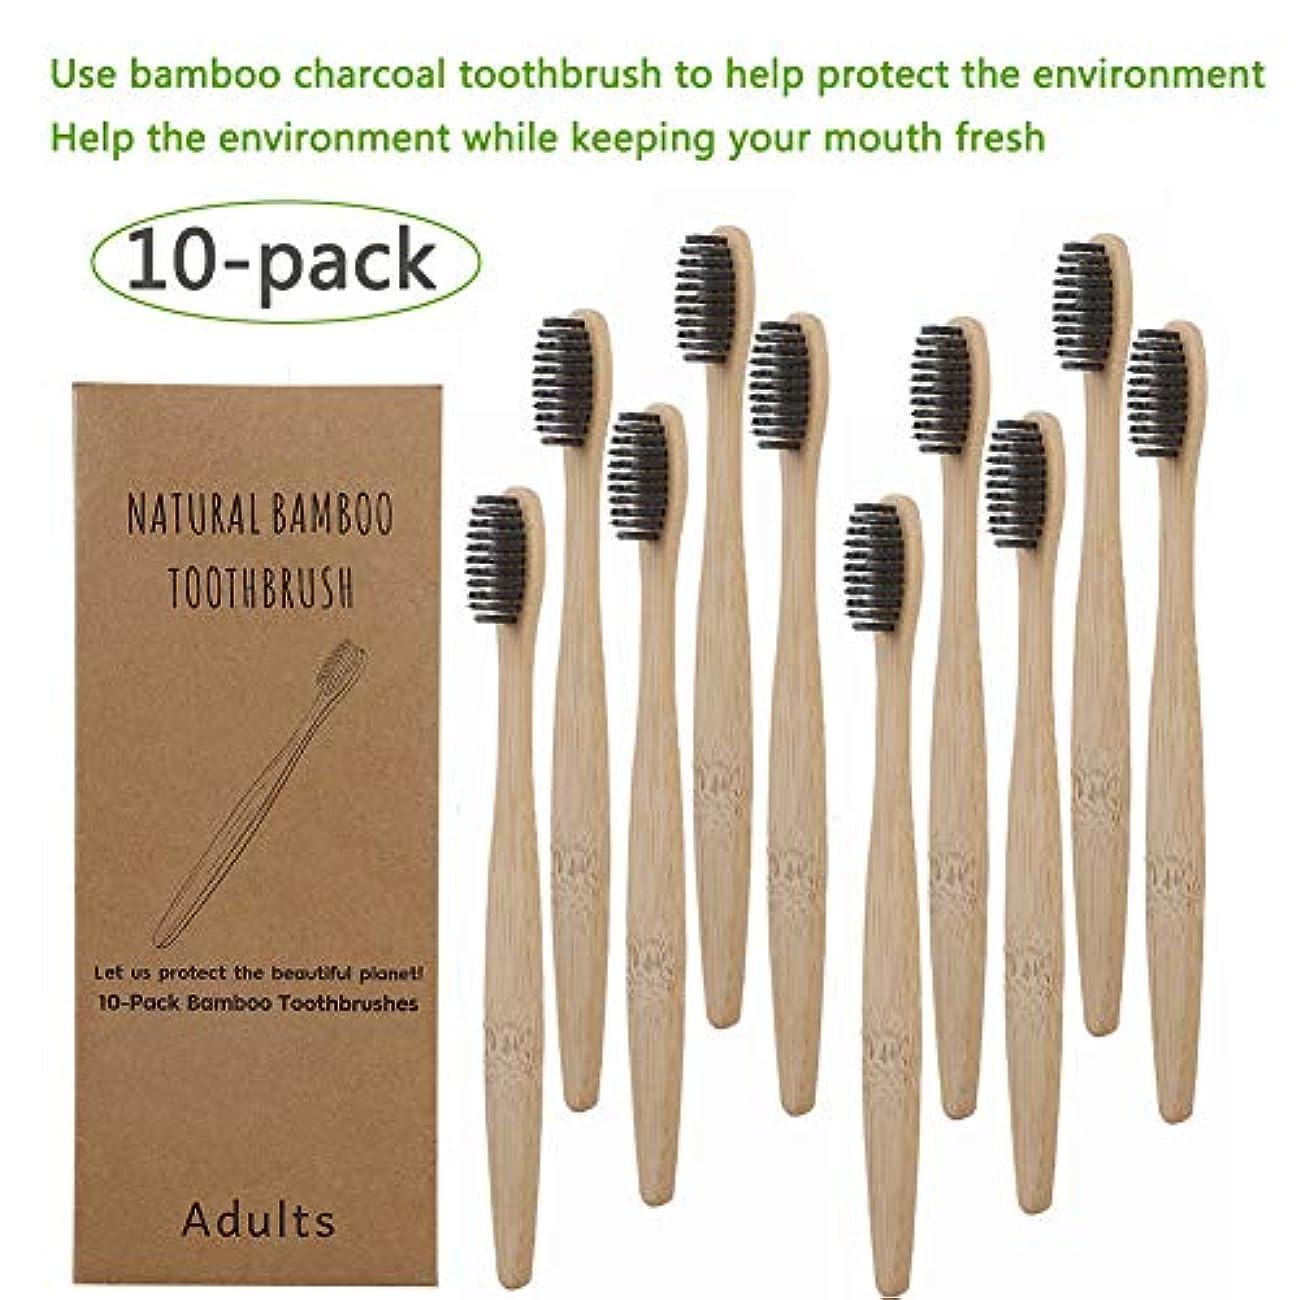 不満放牧する選挙Doo 10pcs 大人用竹の歯ブラシ 天然竹歯ブラシ 環境保護 柔らかい 歯ブラシ 口腔ケア 竹歯ブラシ 携帯用 旅行用 出張用